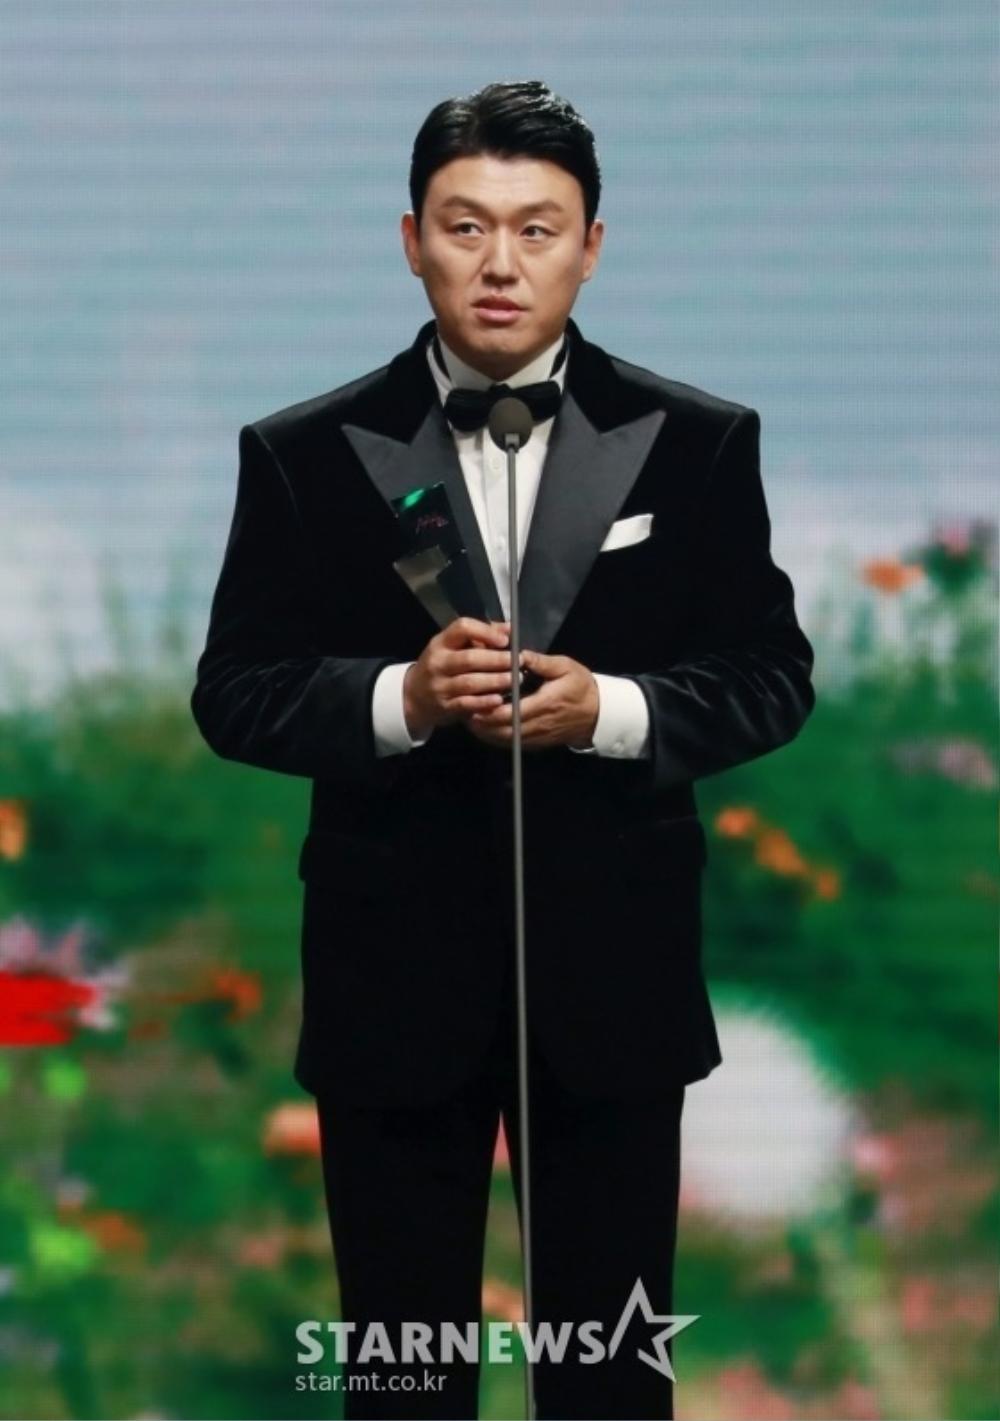 Kết quả 'AAA 2020': Kim Soo Hyun thắng Daesang, Lee Jun Ki - Seo Ye Ji nhận 2 giải lớn! Ảnh 7